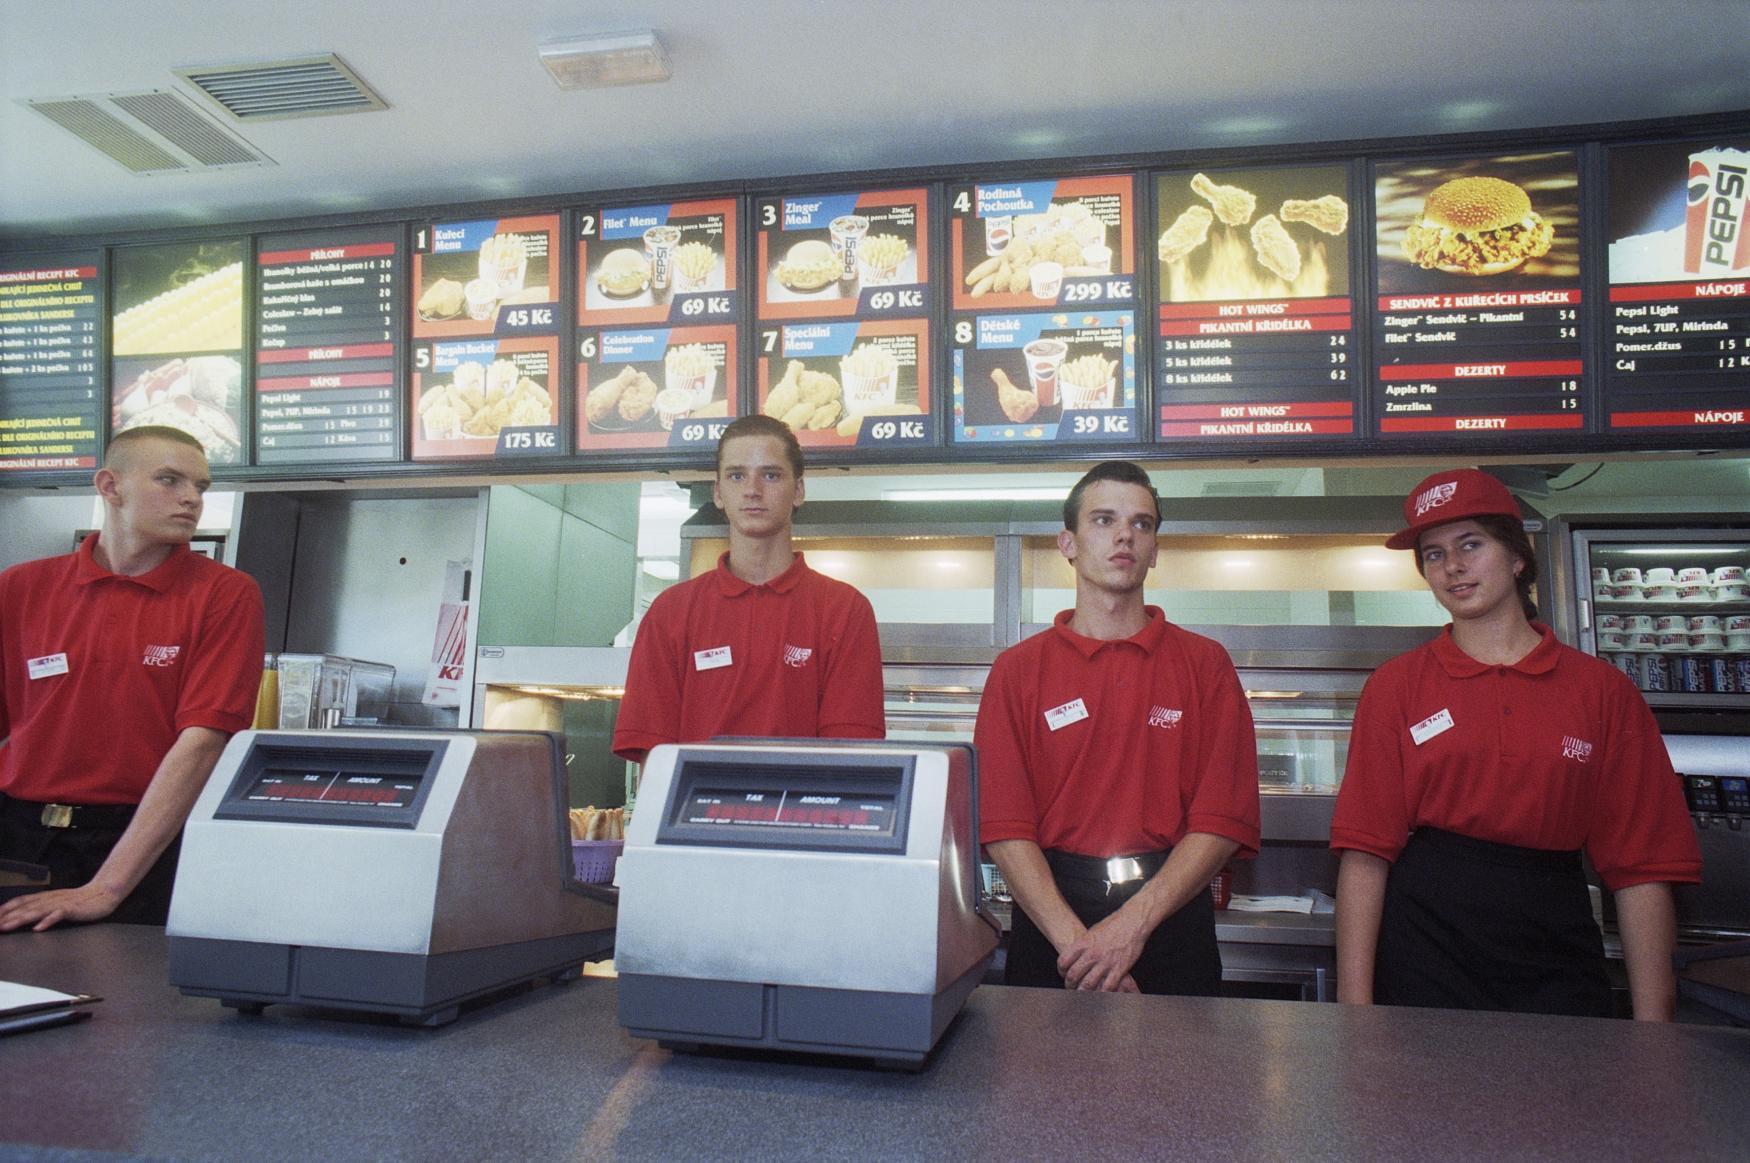 První restaurací KFC v Česku byla v pražské Vodičkově, fungovala od prosince 1994 do října 2013